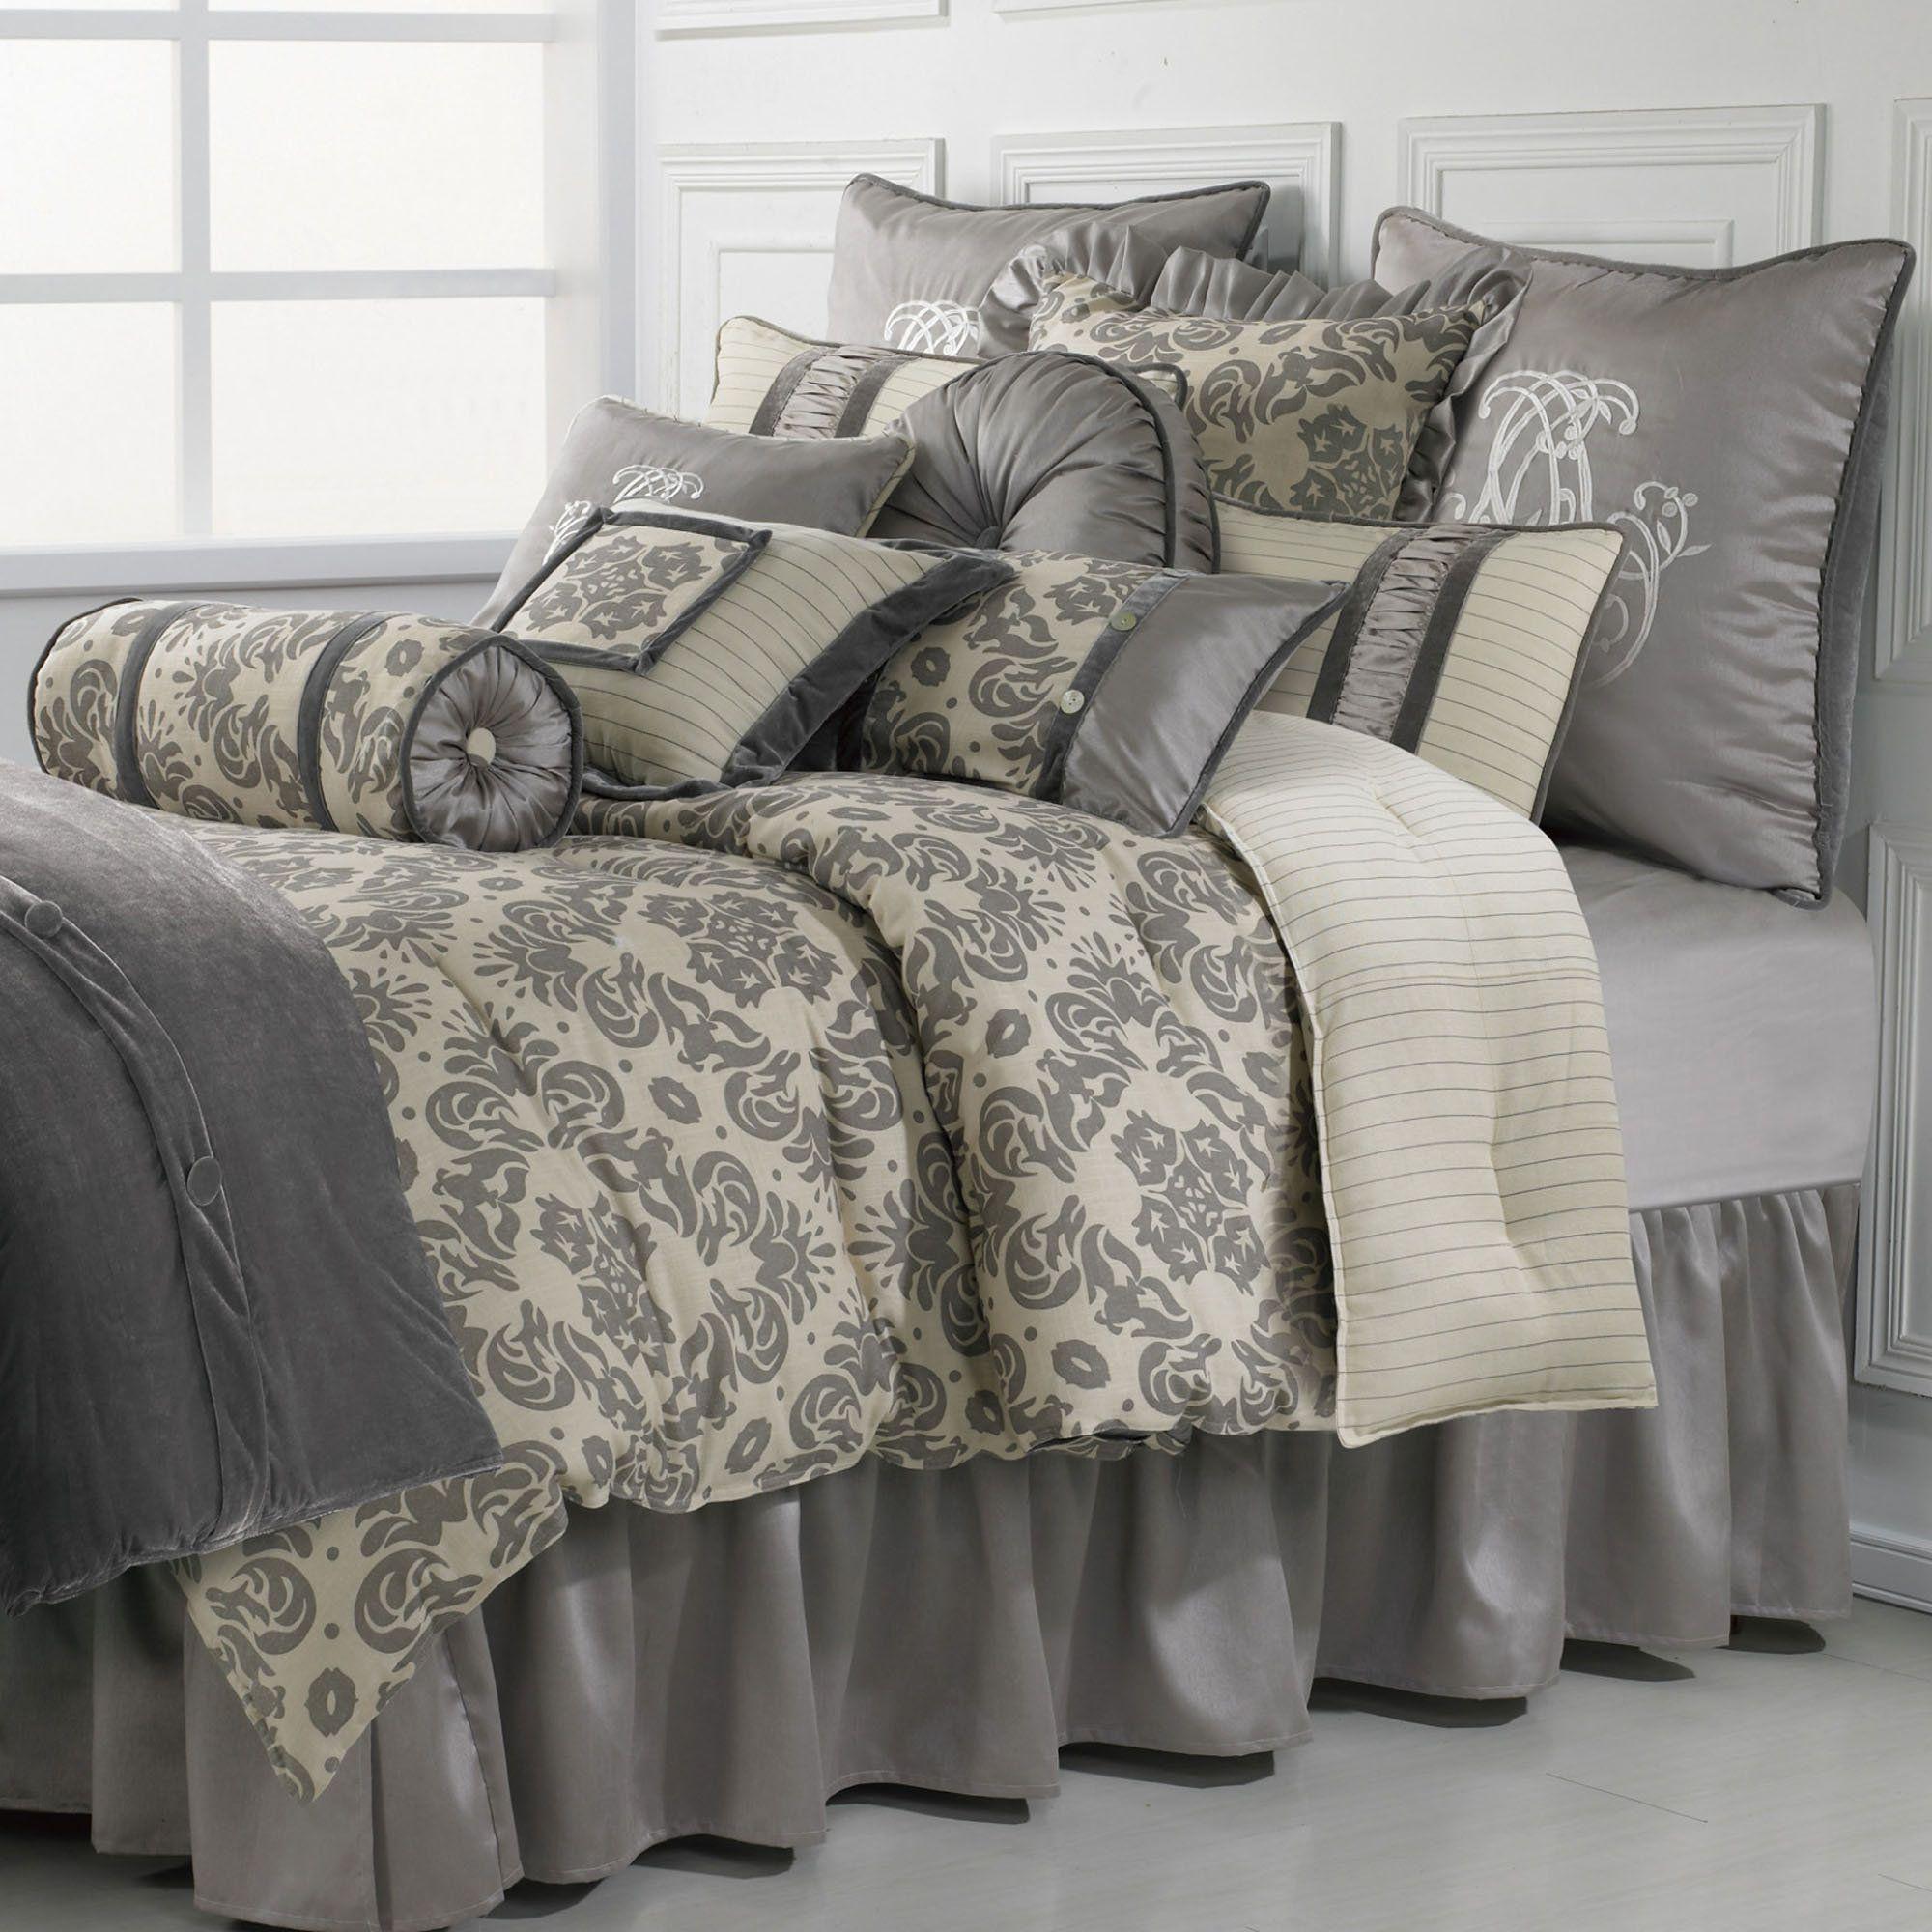 Jungen Moderne Bettwäsche Moderne Bettwäsche Für Männer Die